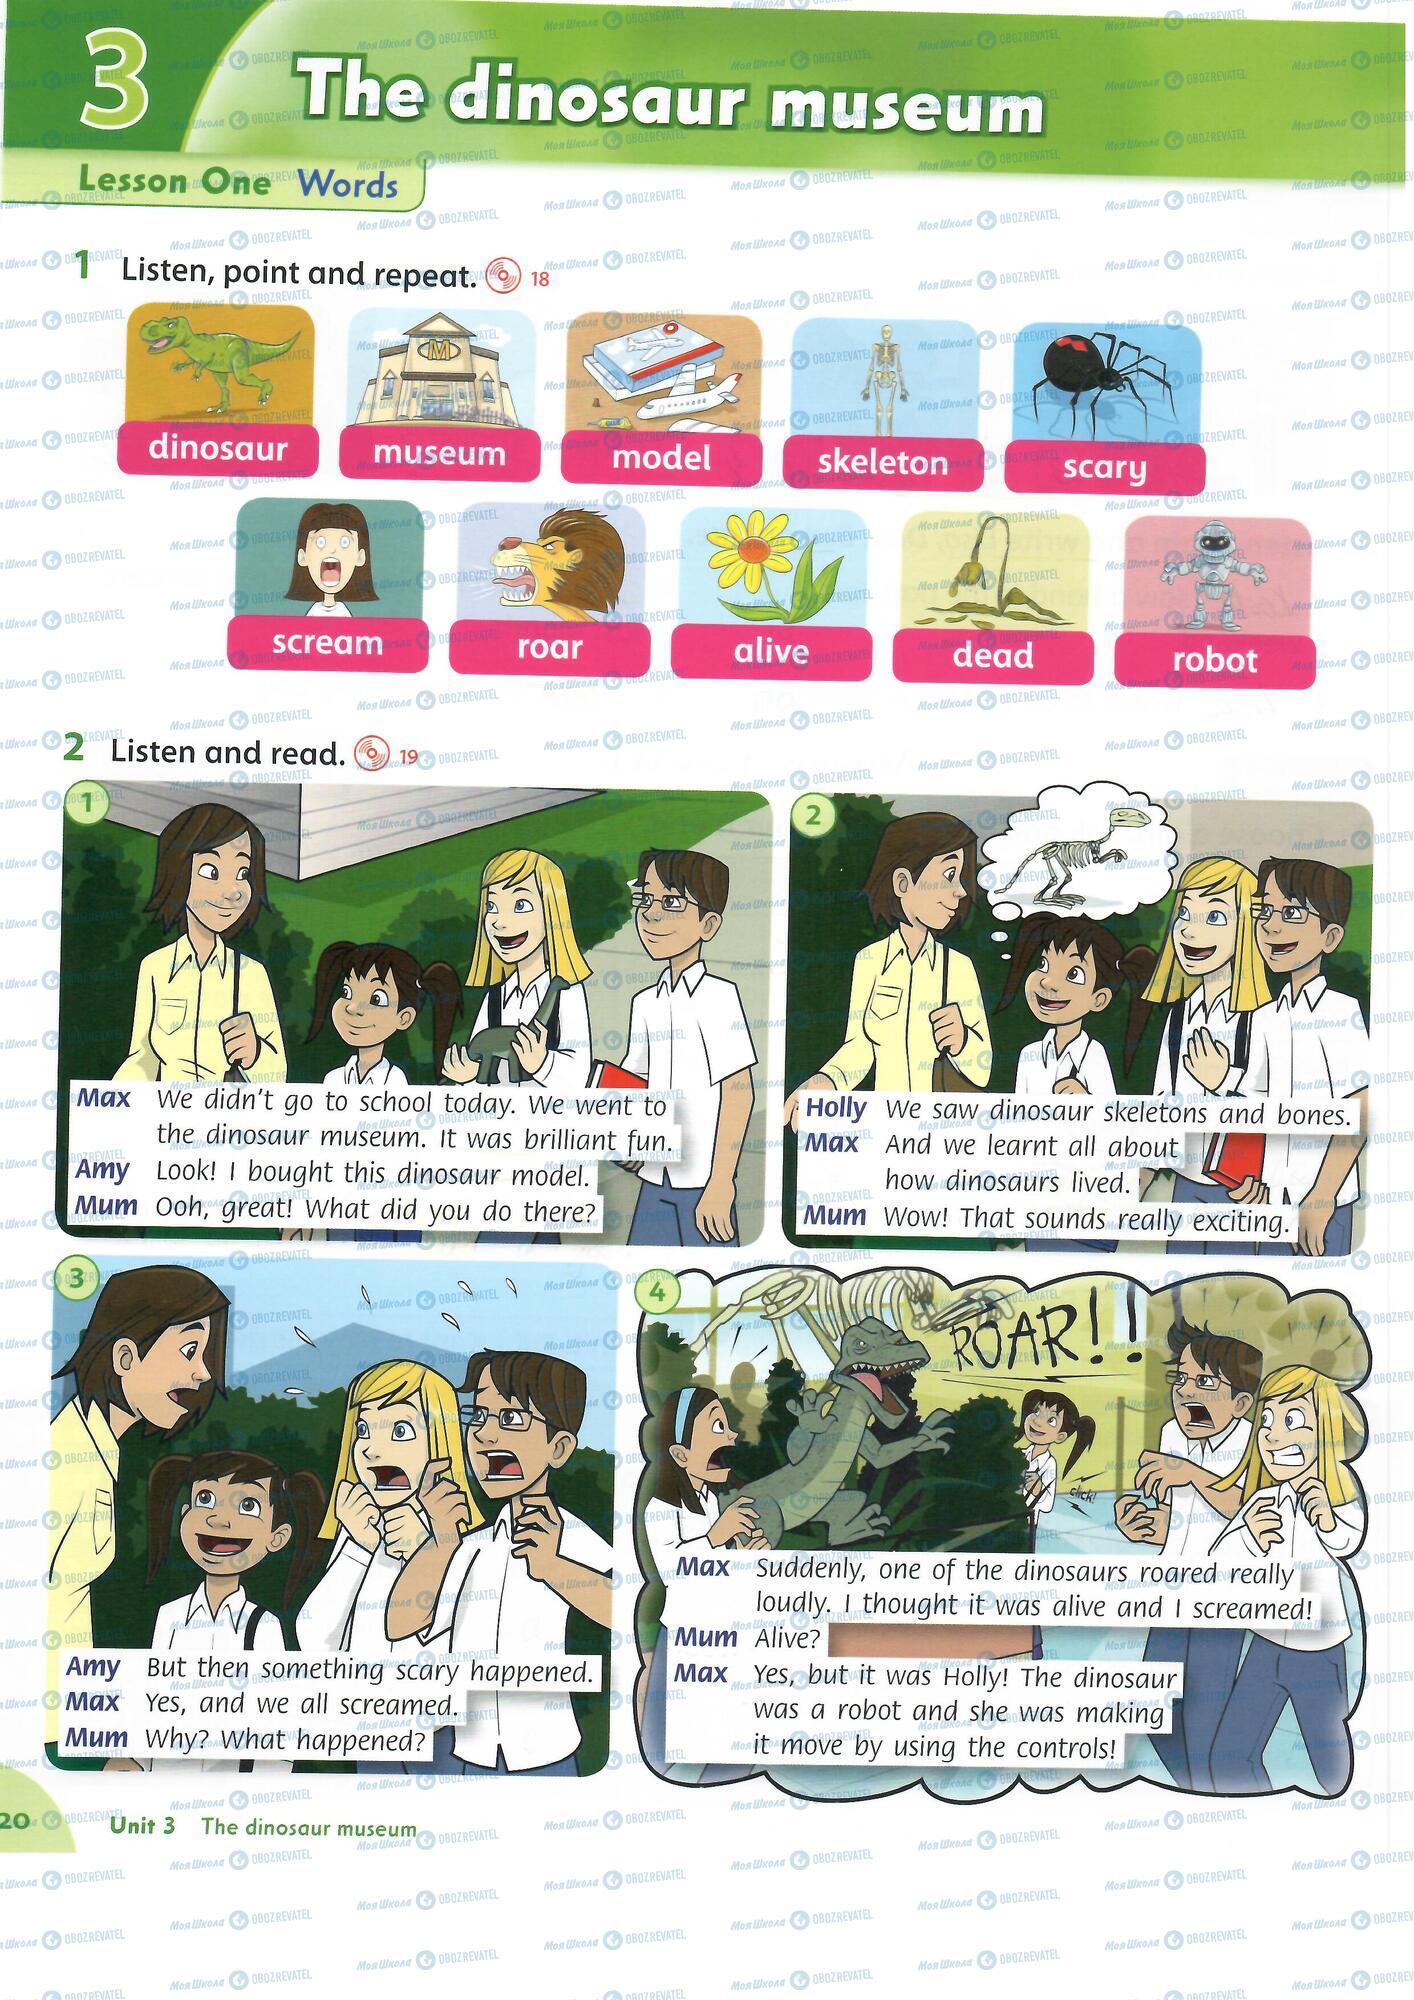 ГДЗ Английский язык 4 класс страница 20